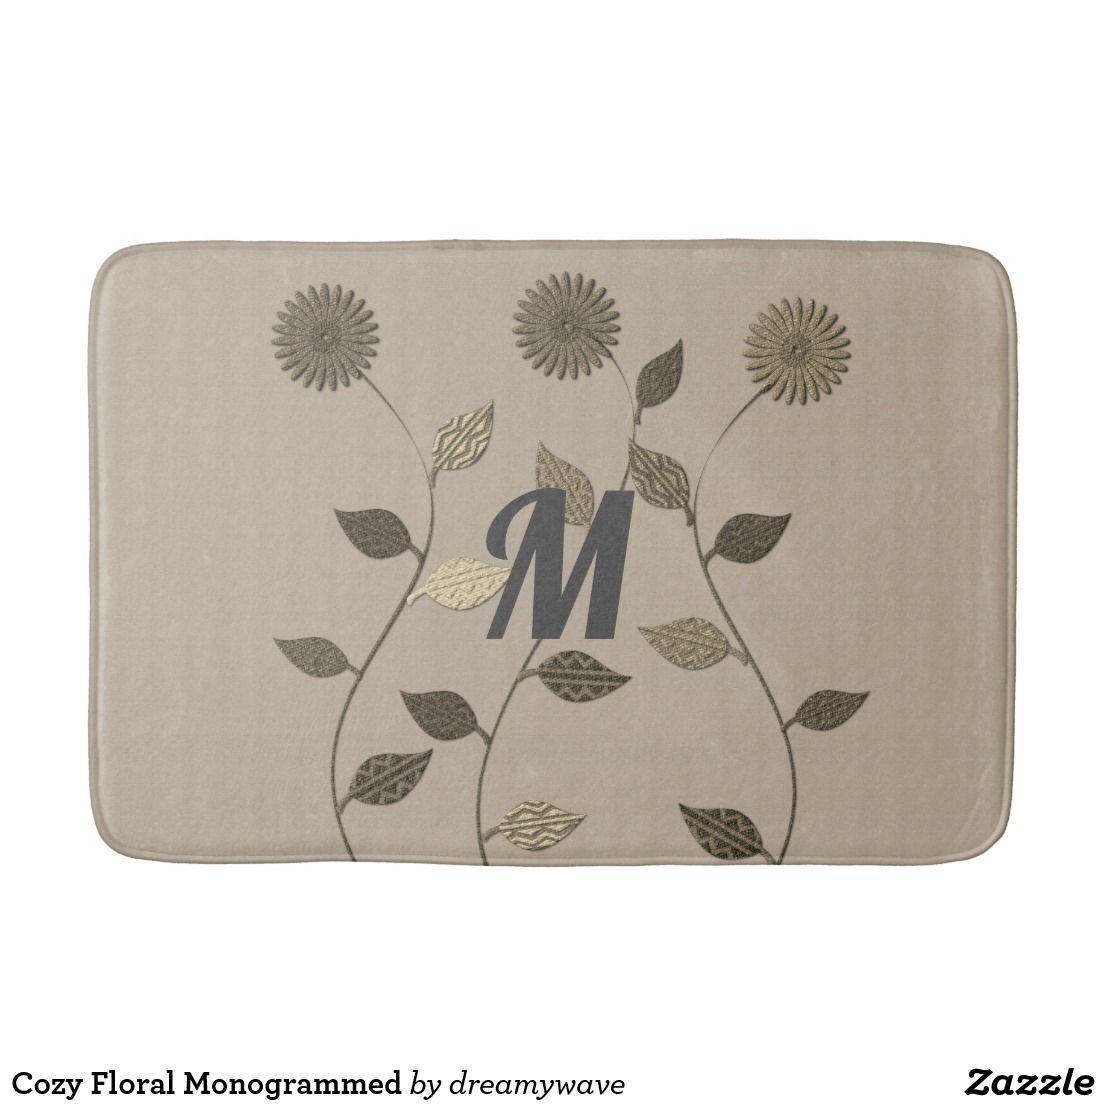 Cozy Floral Monogrammed Bath Mat Zazzle Com New Toilet Cozy